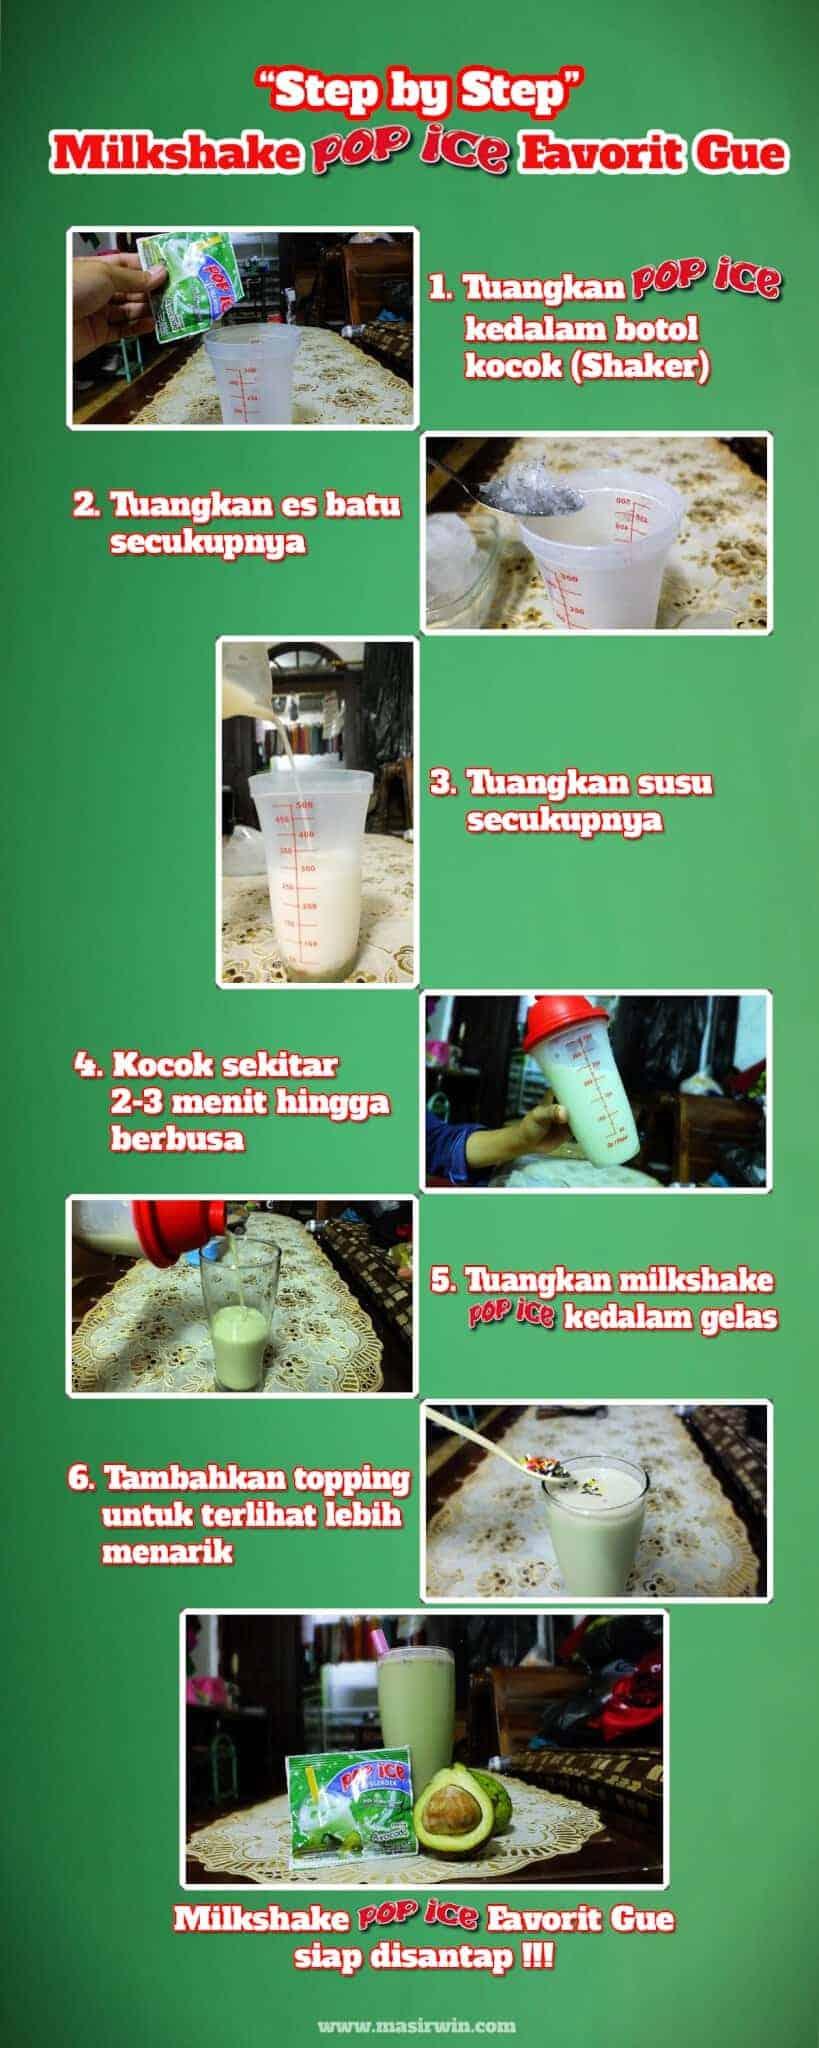 infografis milkshake, step by step susukocok, infograpic timeline, milkshake favort gue pop ice ice blended